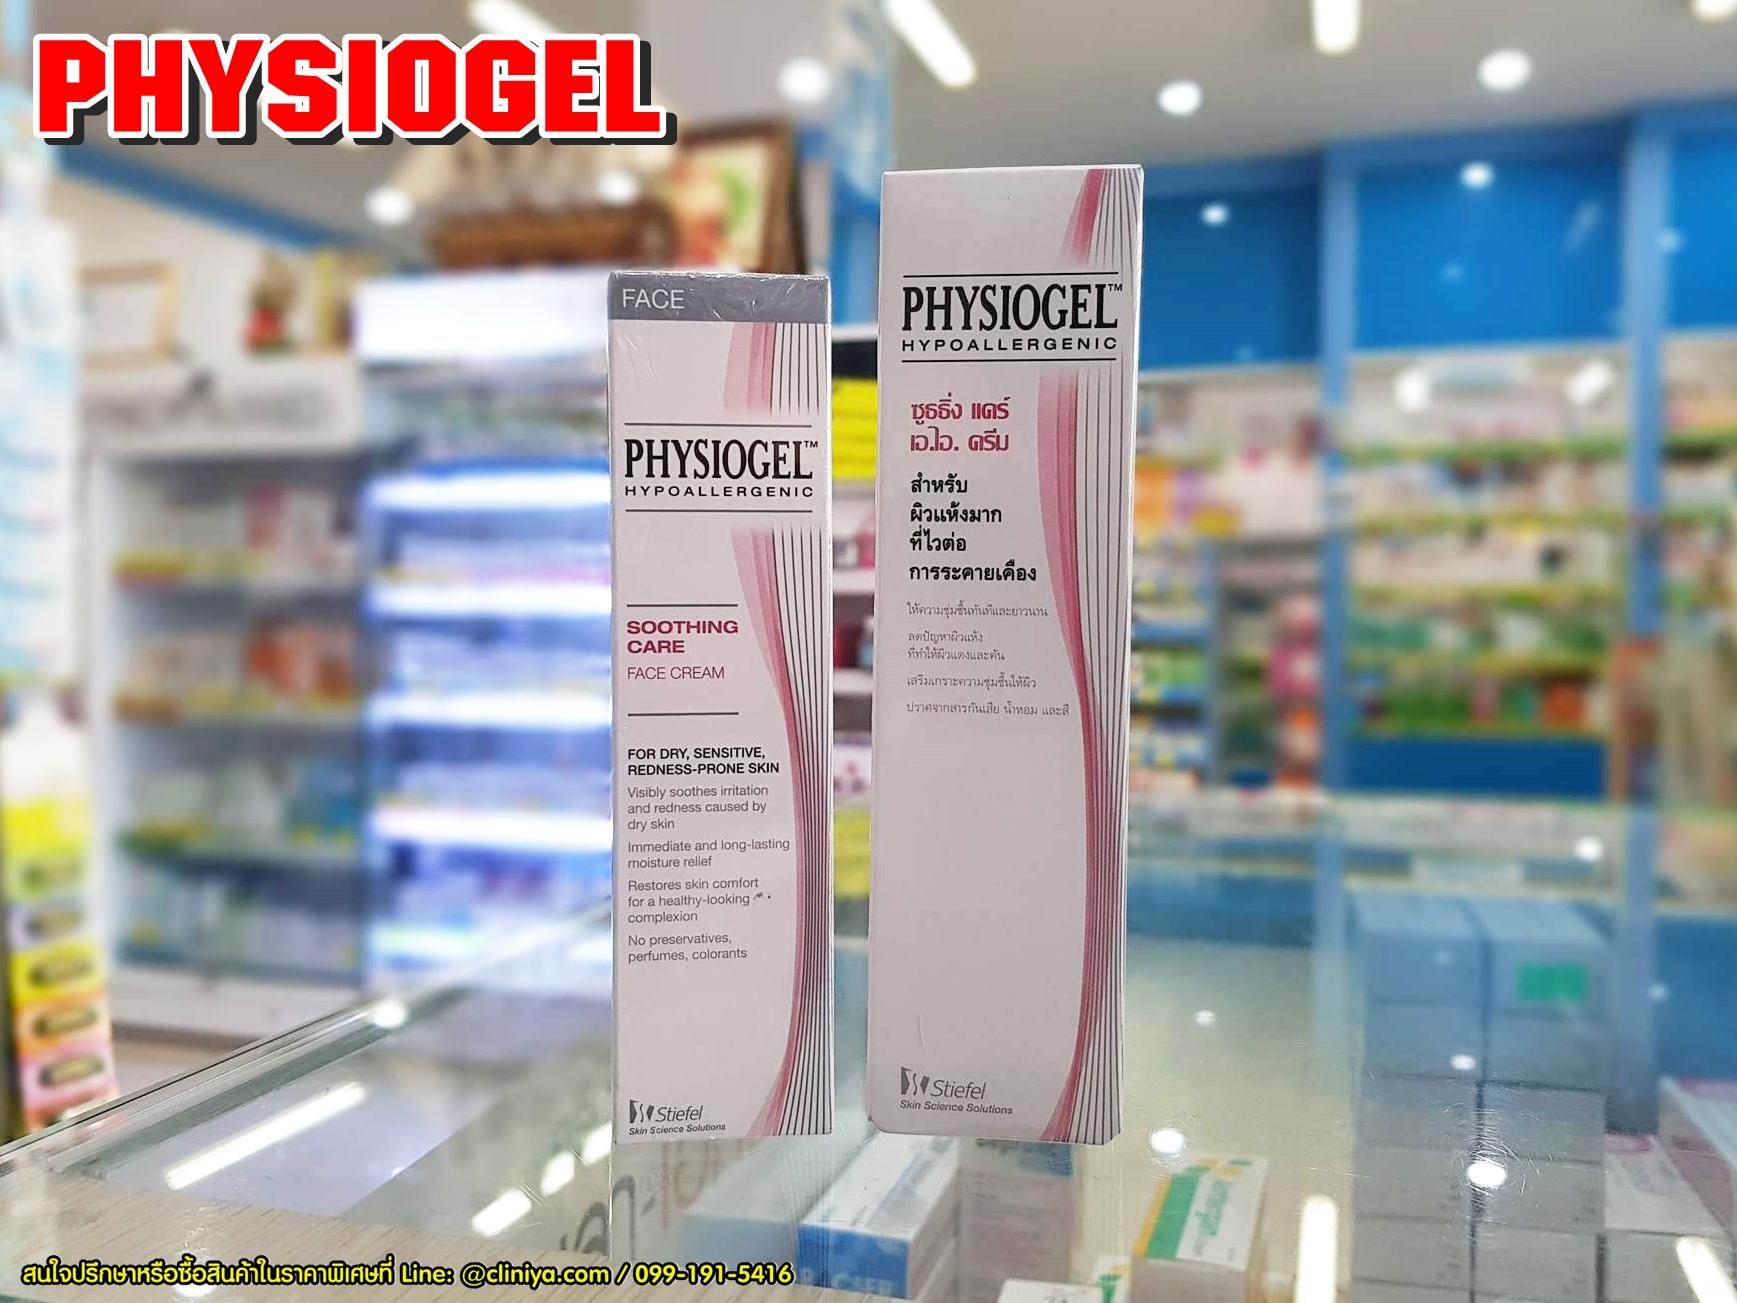 มอยเจอร์ไรเซอร์ Physiogel soothing cream